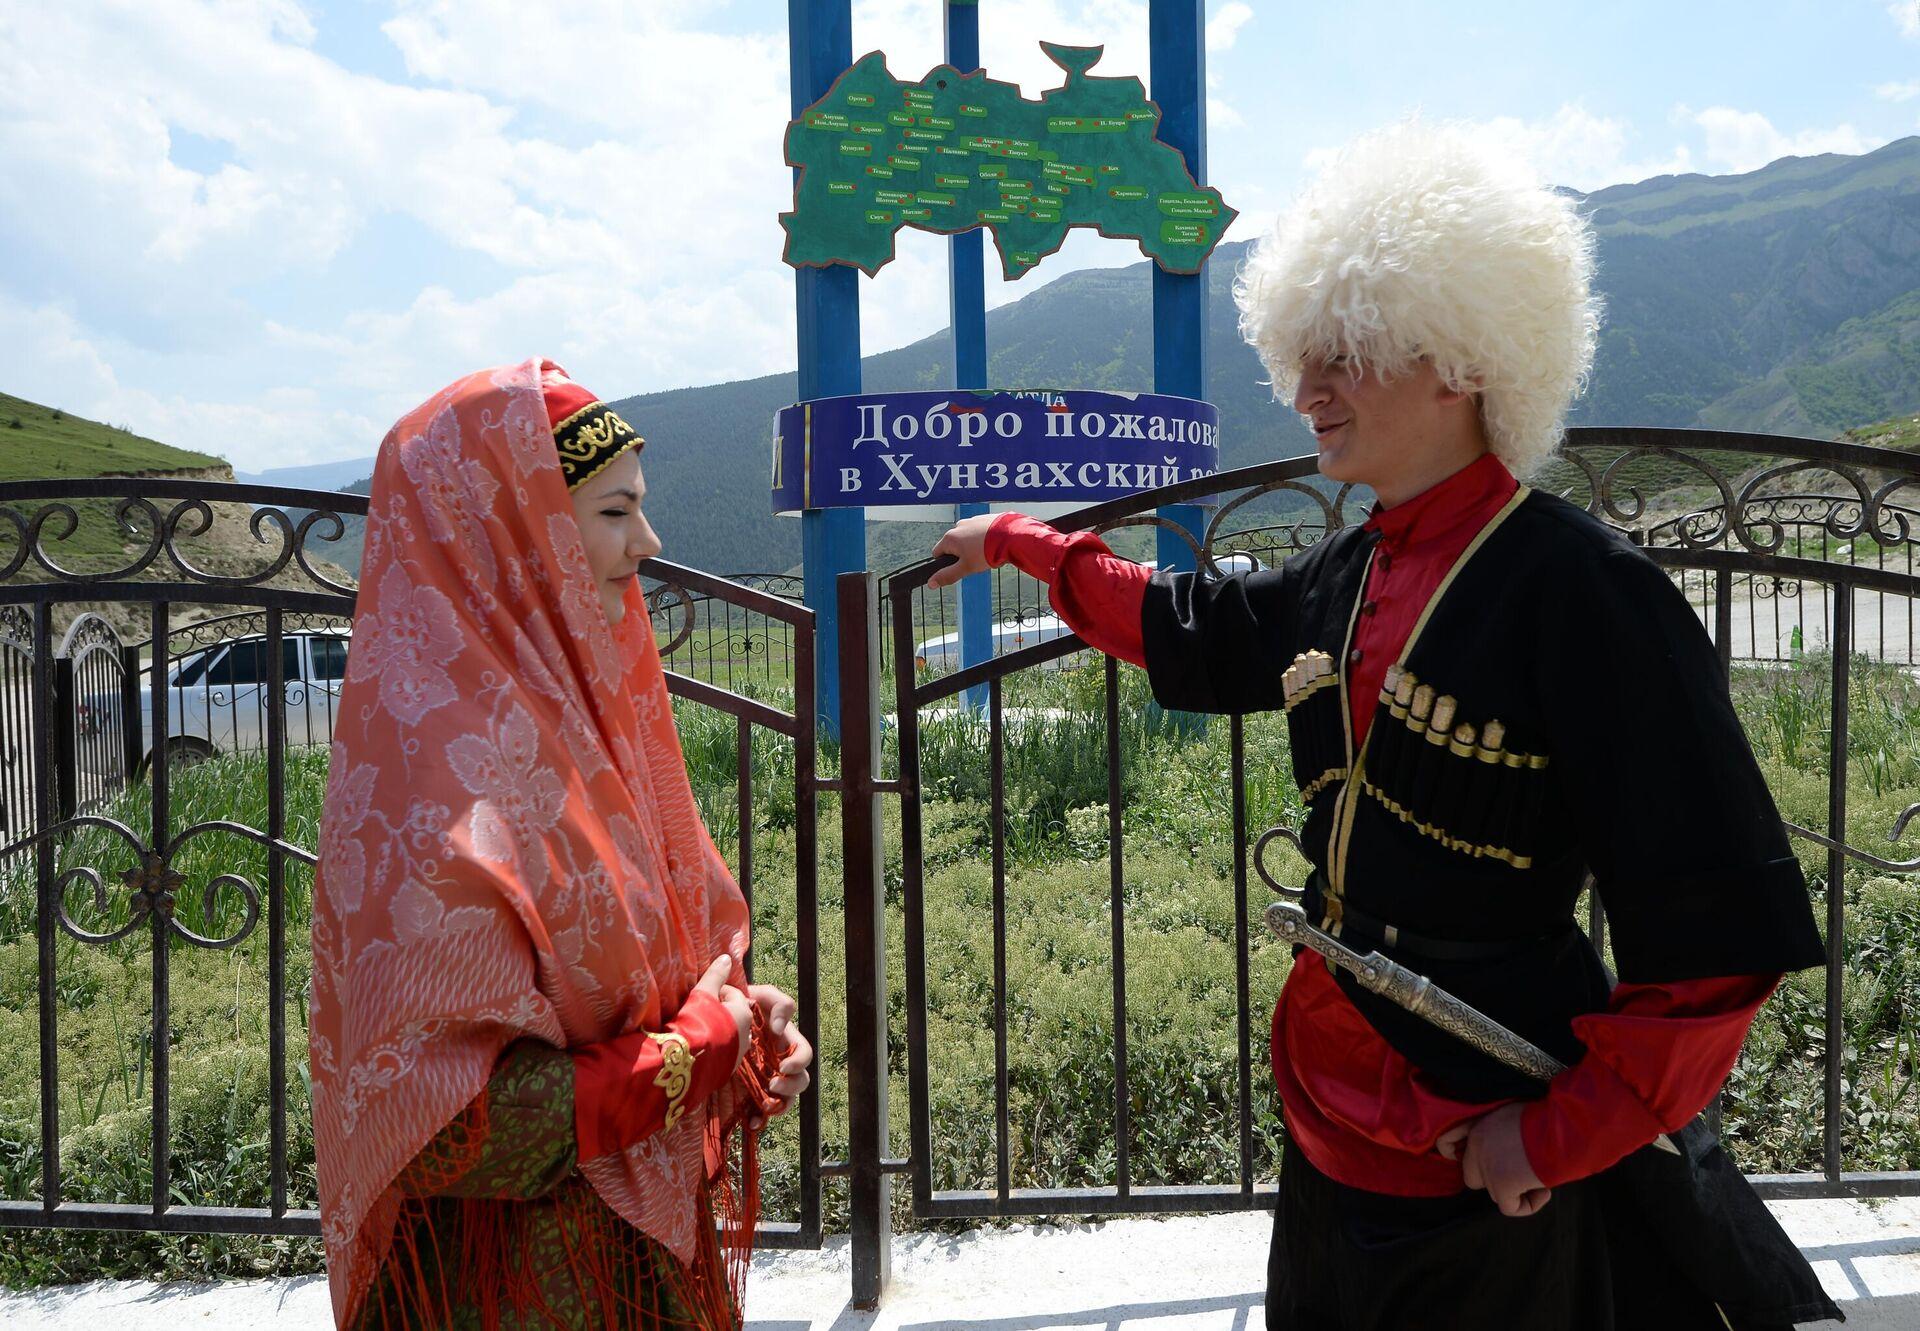 Местные жители встречают гостей при въезде в Хунзахский район Дагестана - РИА Новости, 1920, 18.01.2021